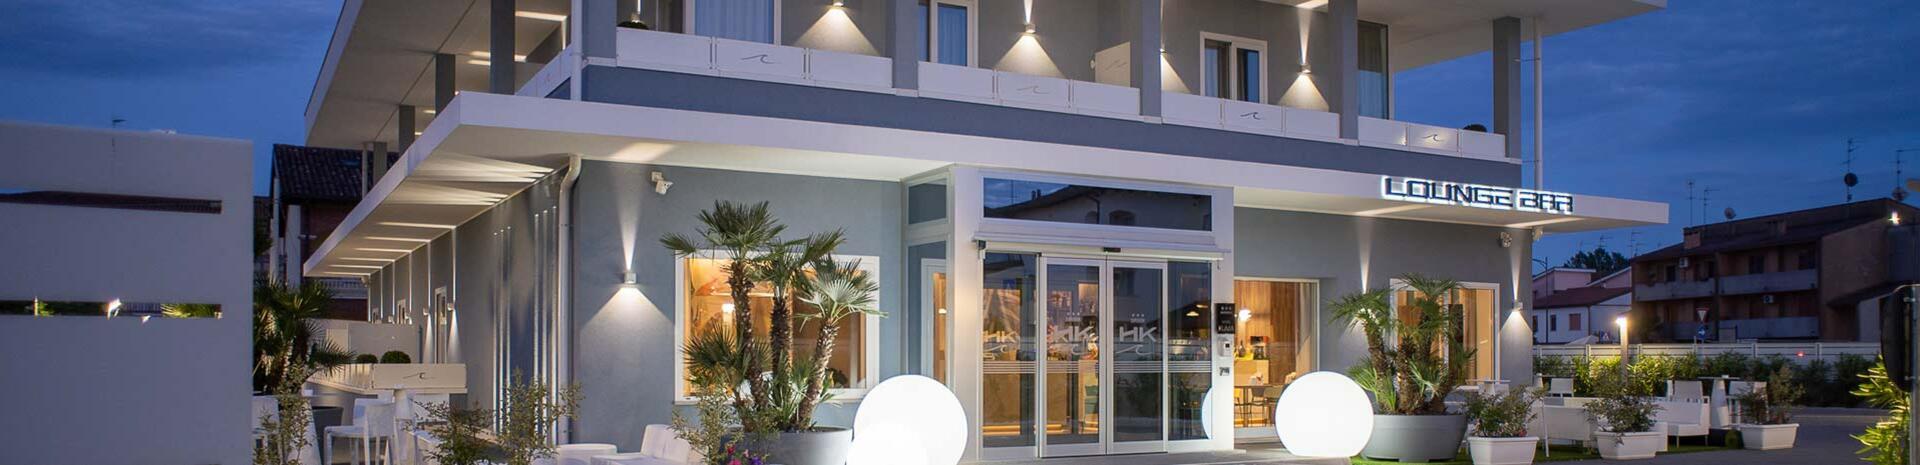 hotelkuma en list-of-offers 003